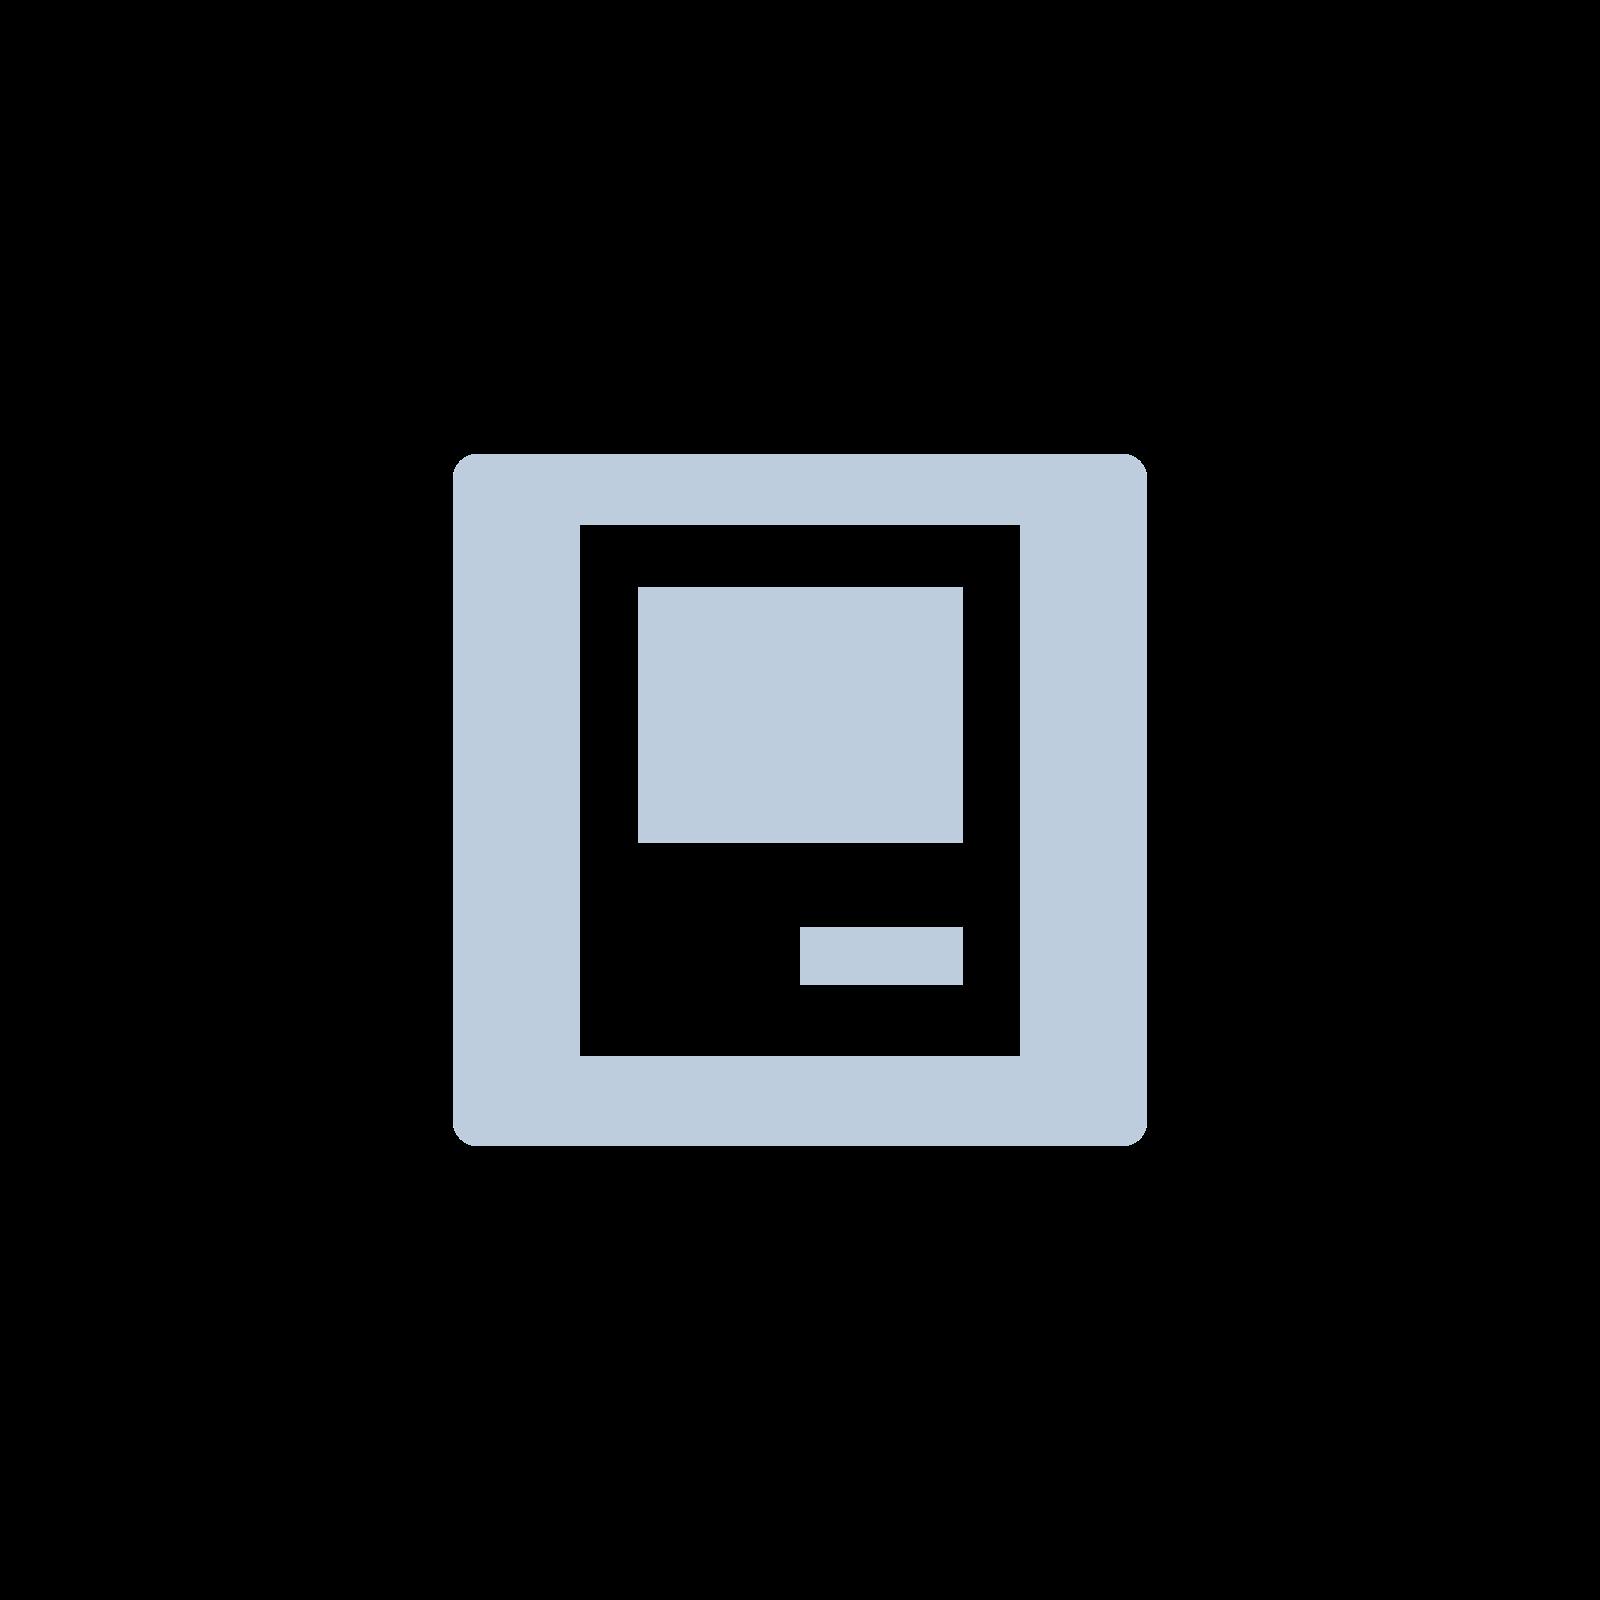 iPad Air 1 16GB Wi-Fi + Cellular Space Grau